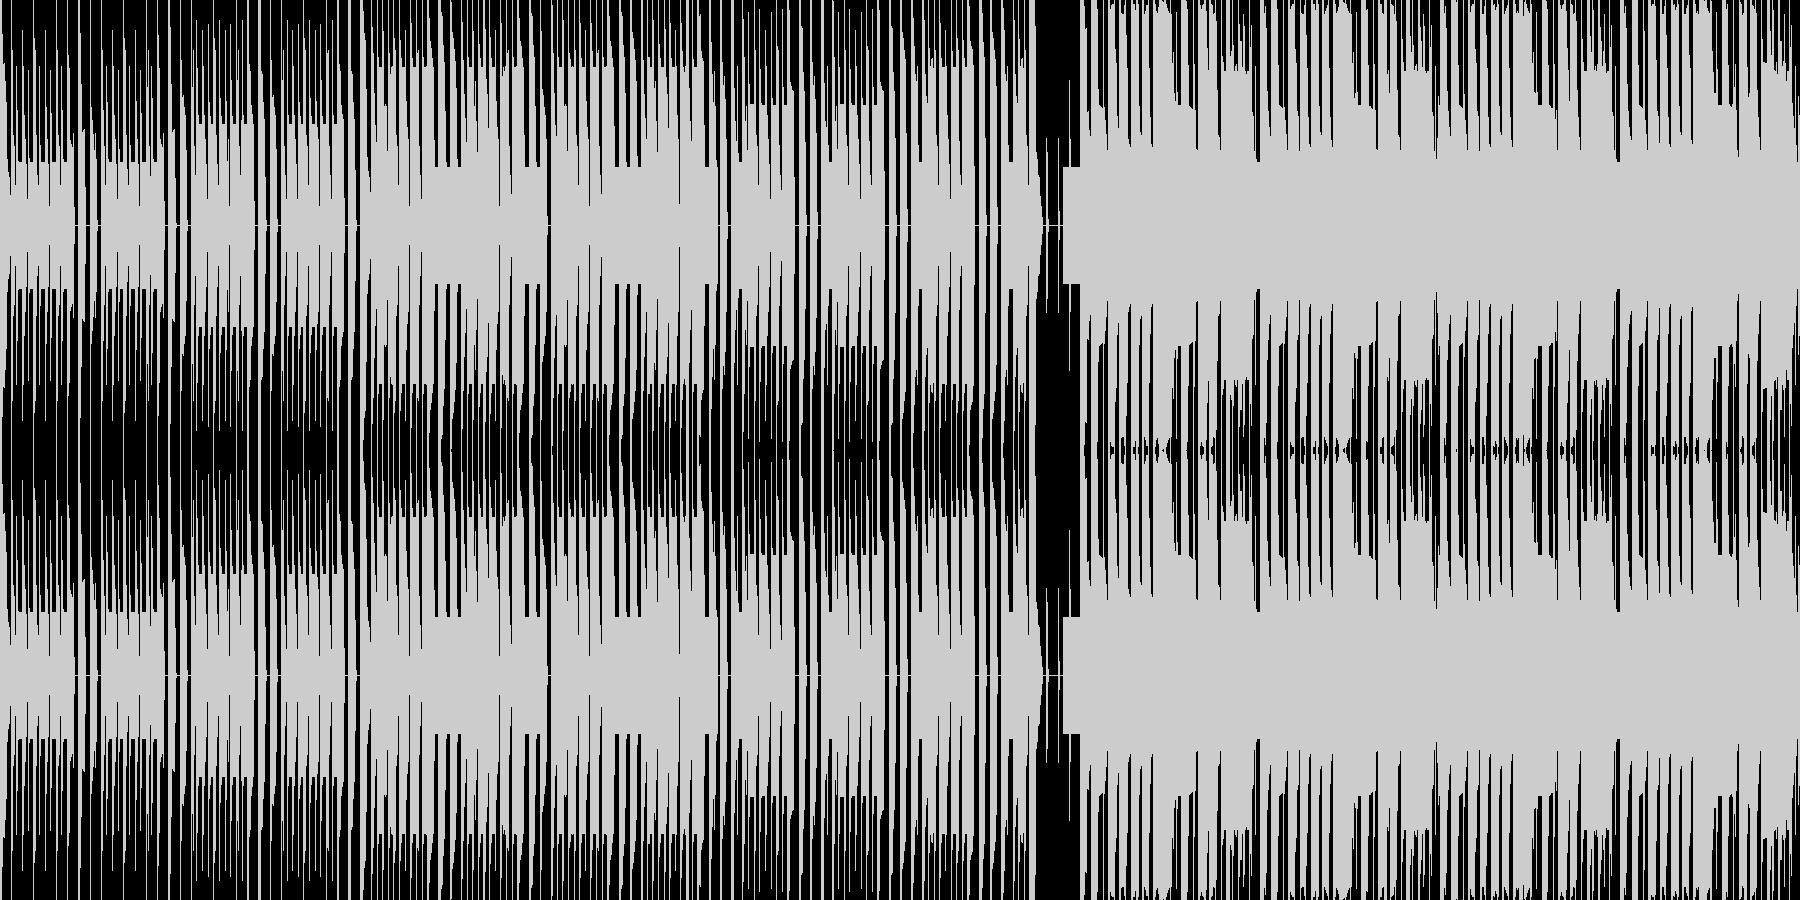 明るい雰囲気の戦闘BGM風チップチューンの未再生の波形